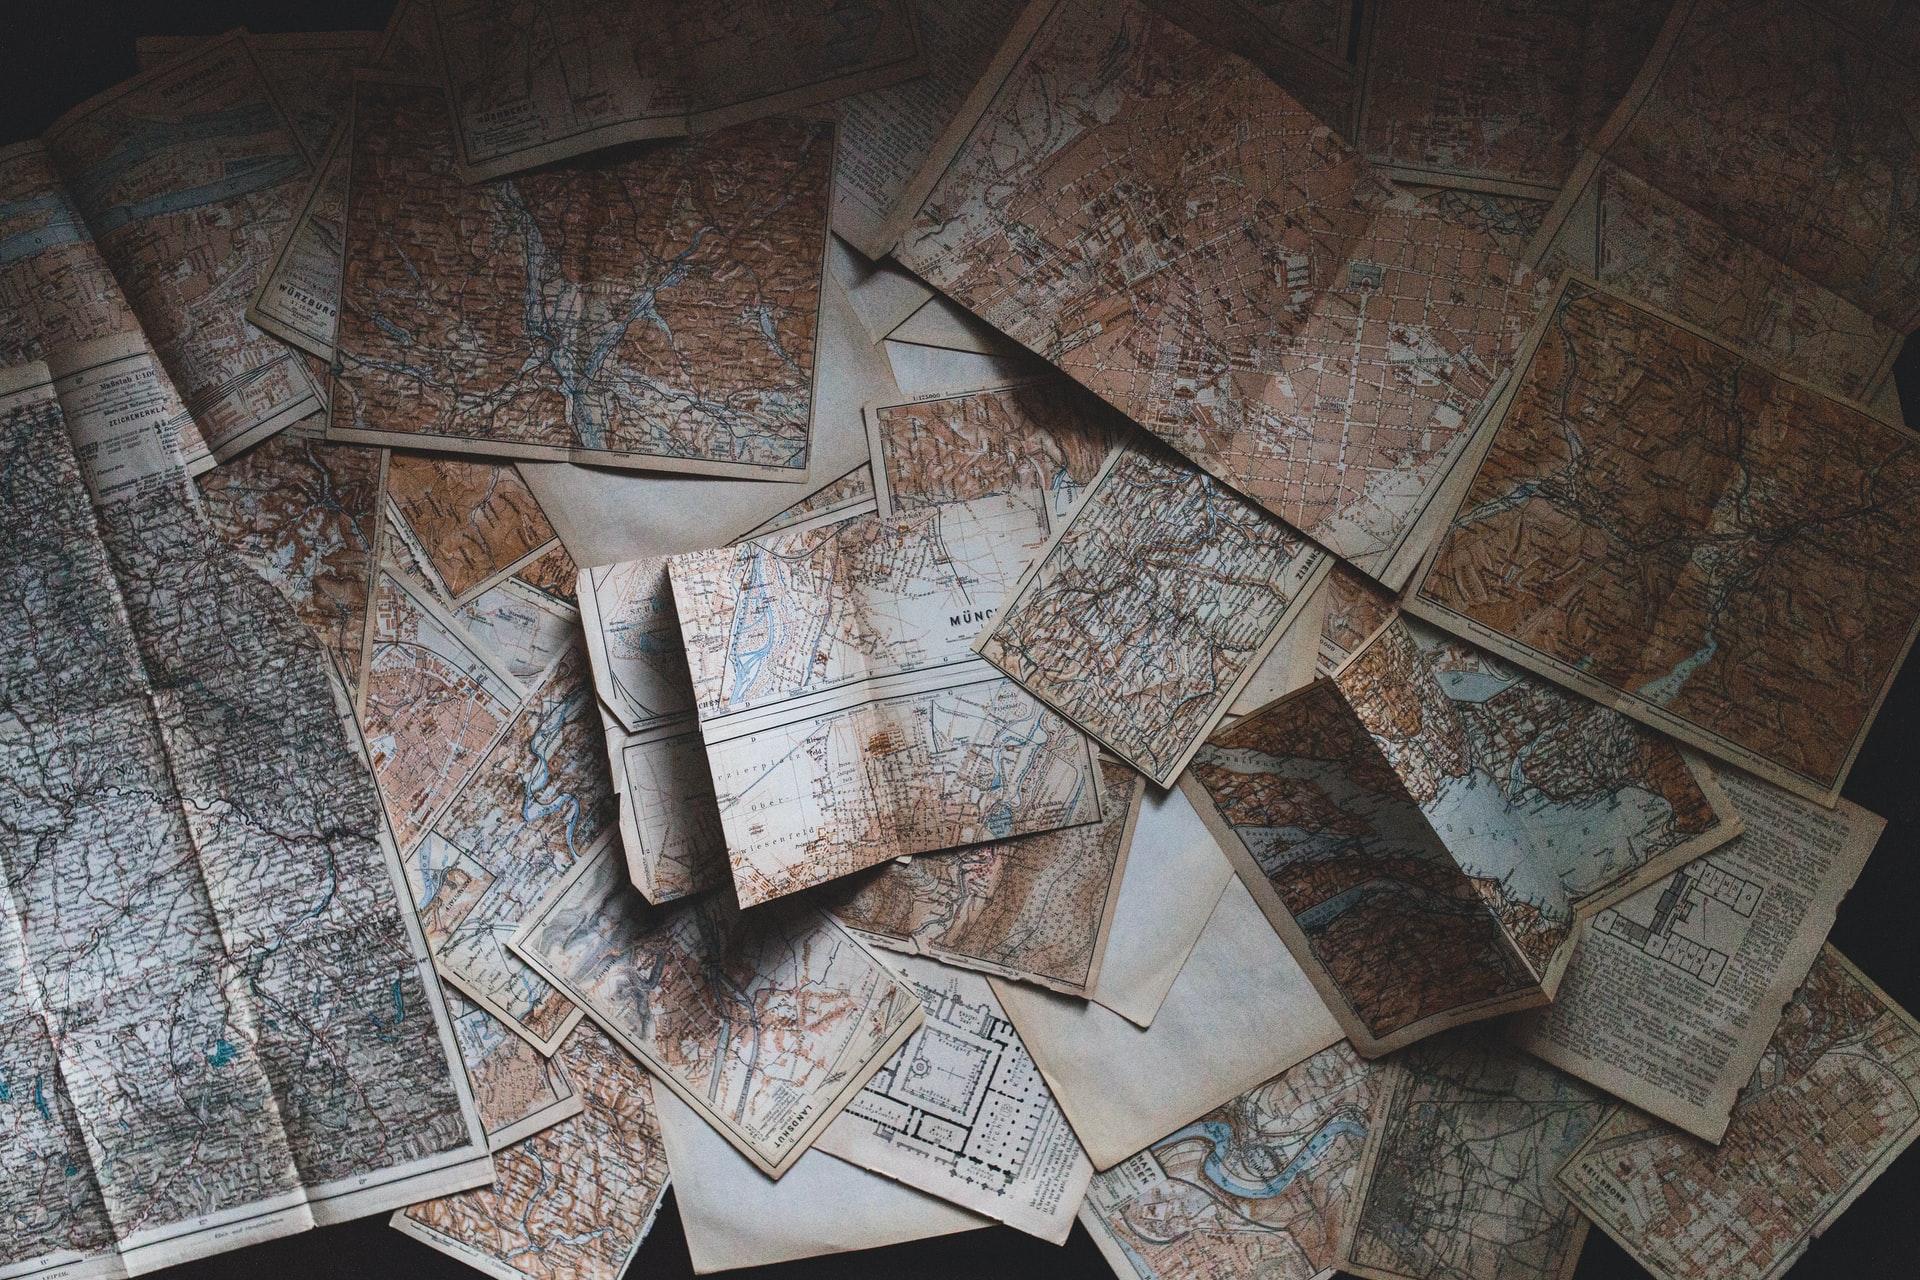 Bureau sur lequel sont disposées différentes cartes